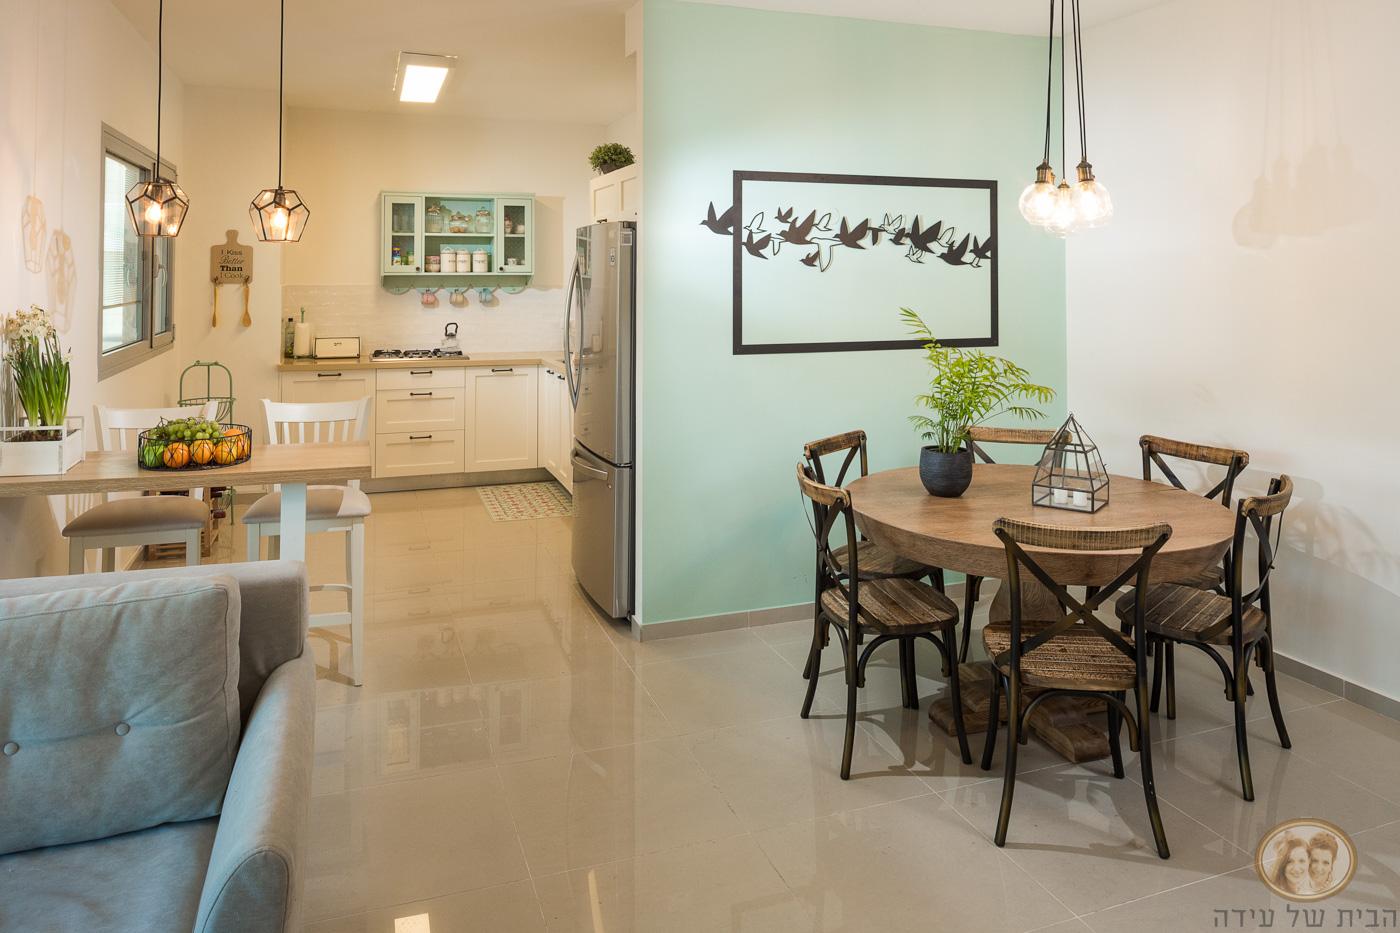 עיצוב דירה אורבנית